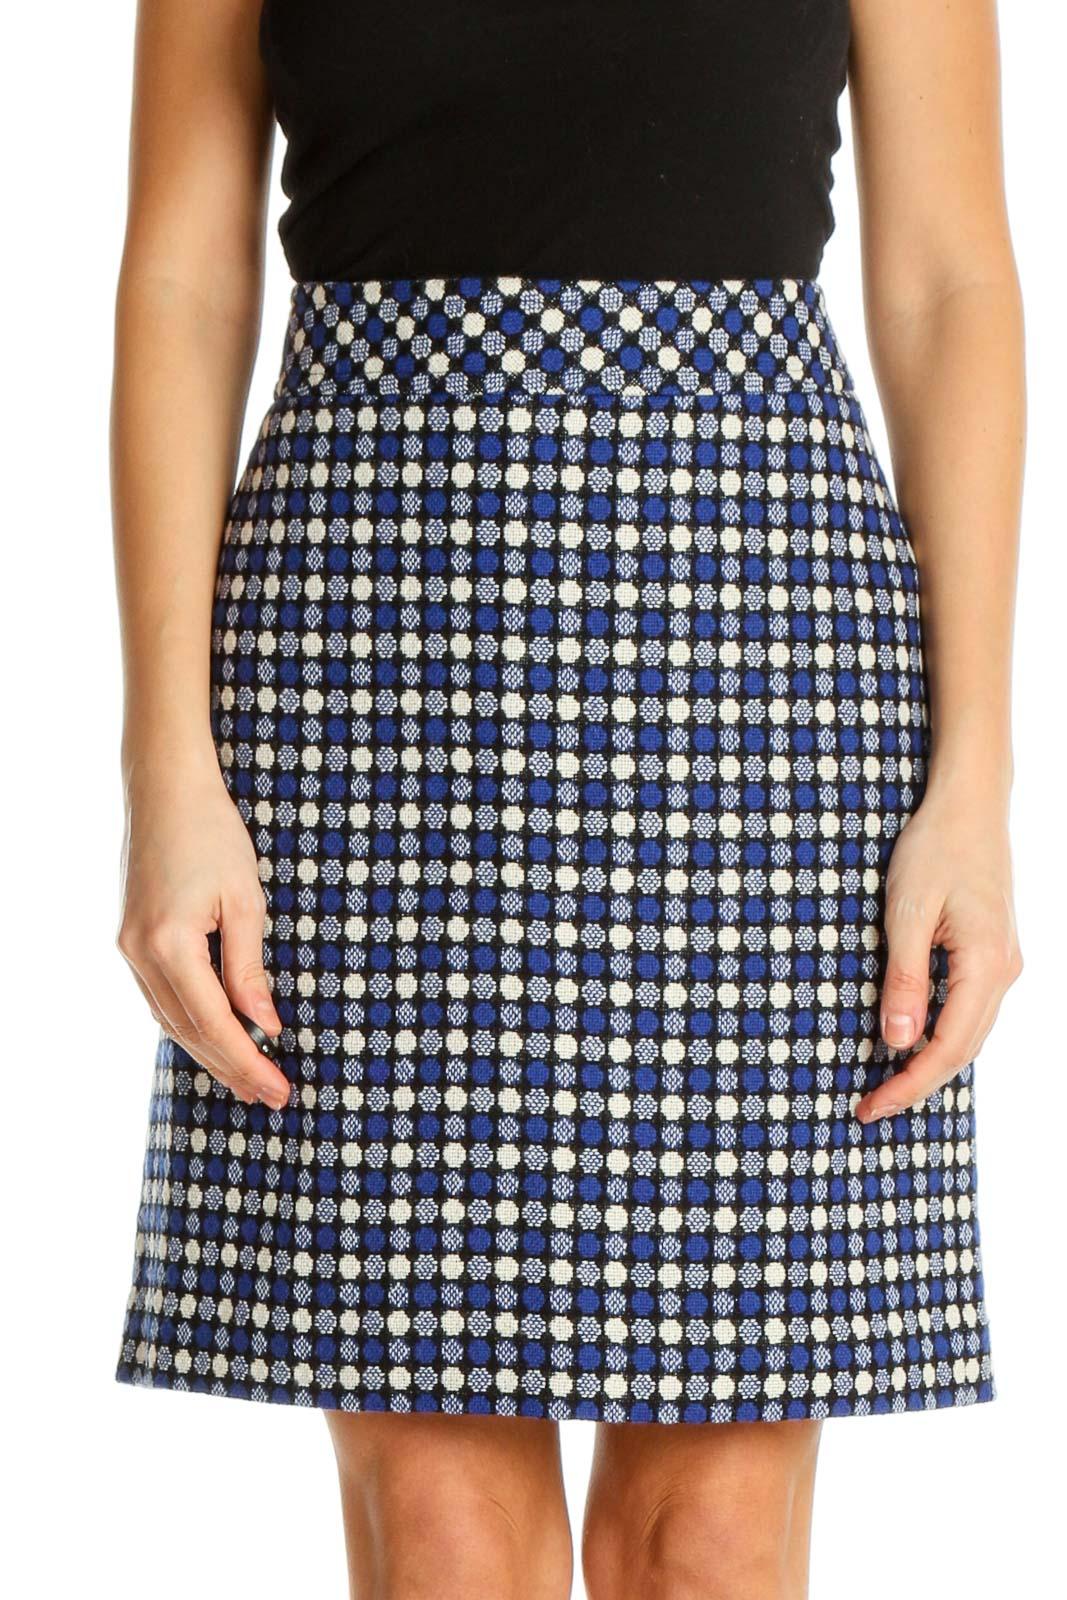 Blue Printed Brunch A-Line Skirt Front